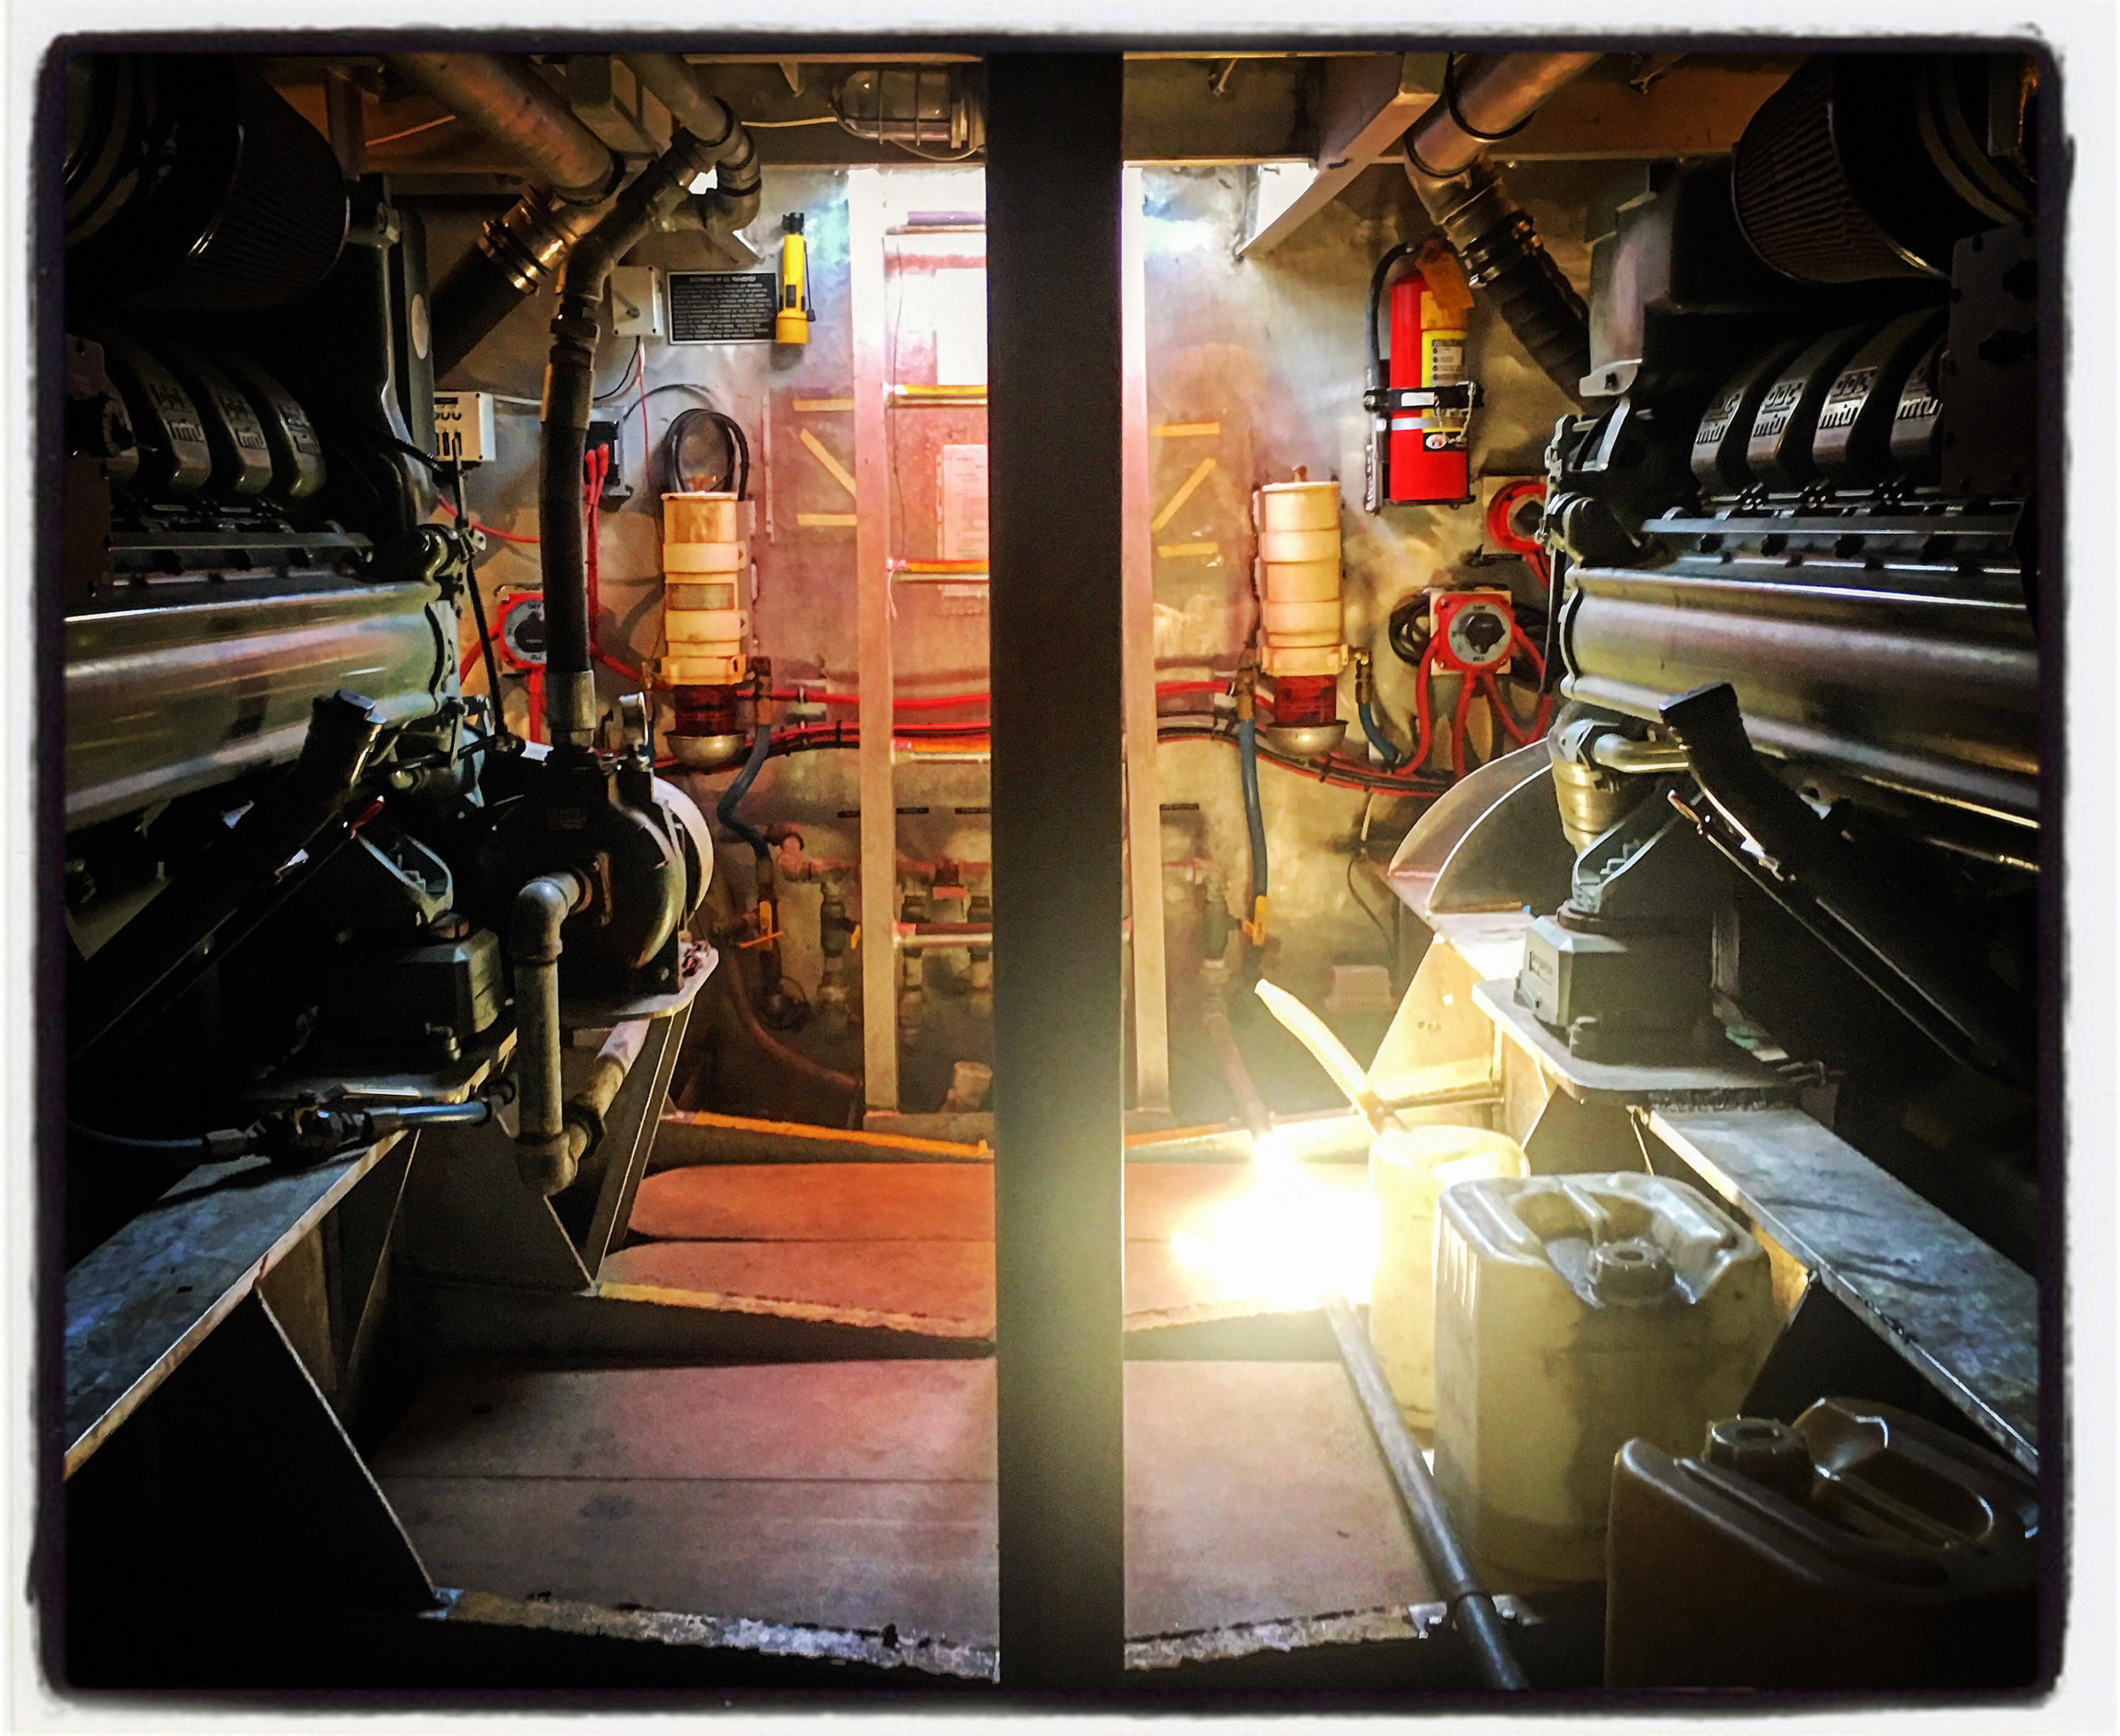 #insidetherocketboat by Joe Lovitt